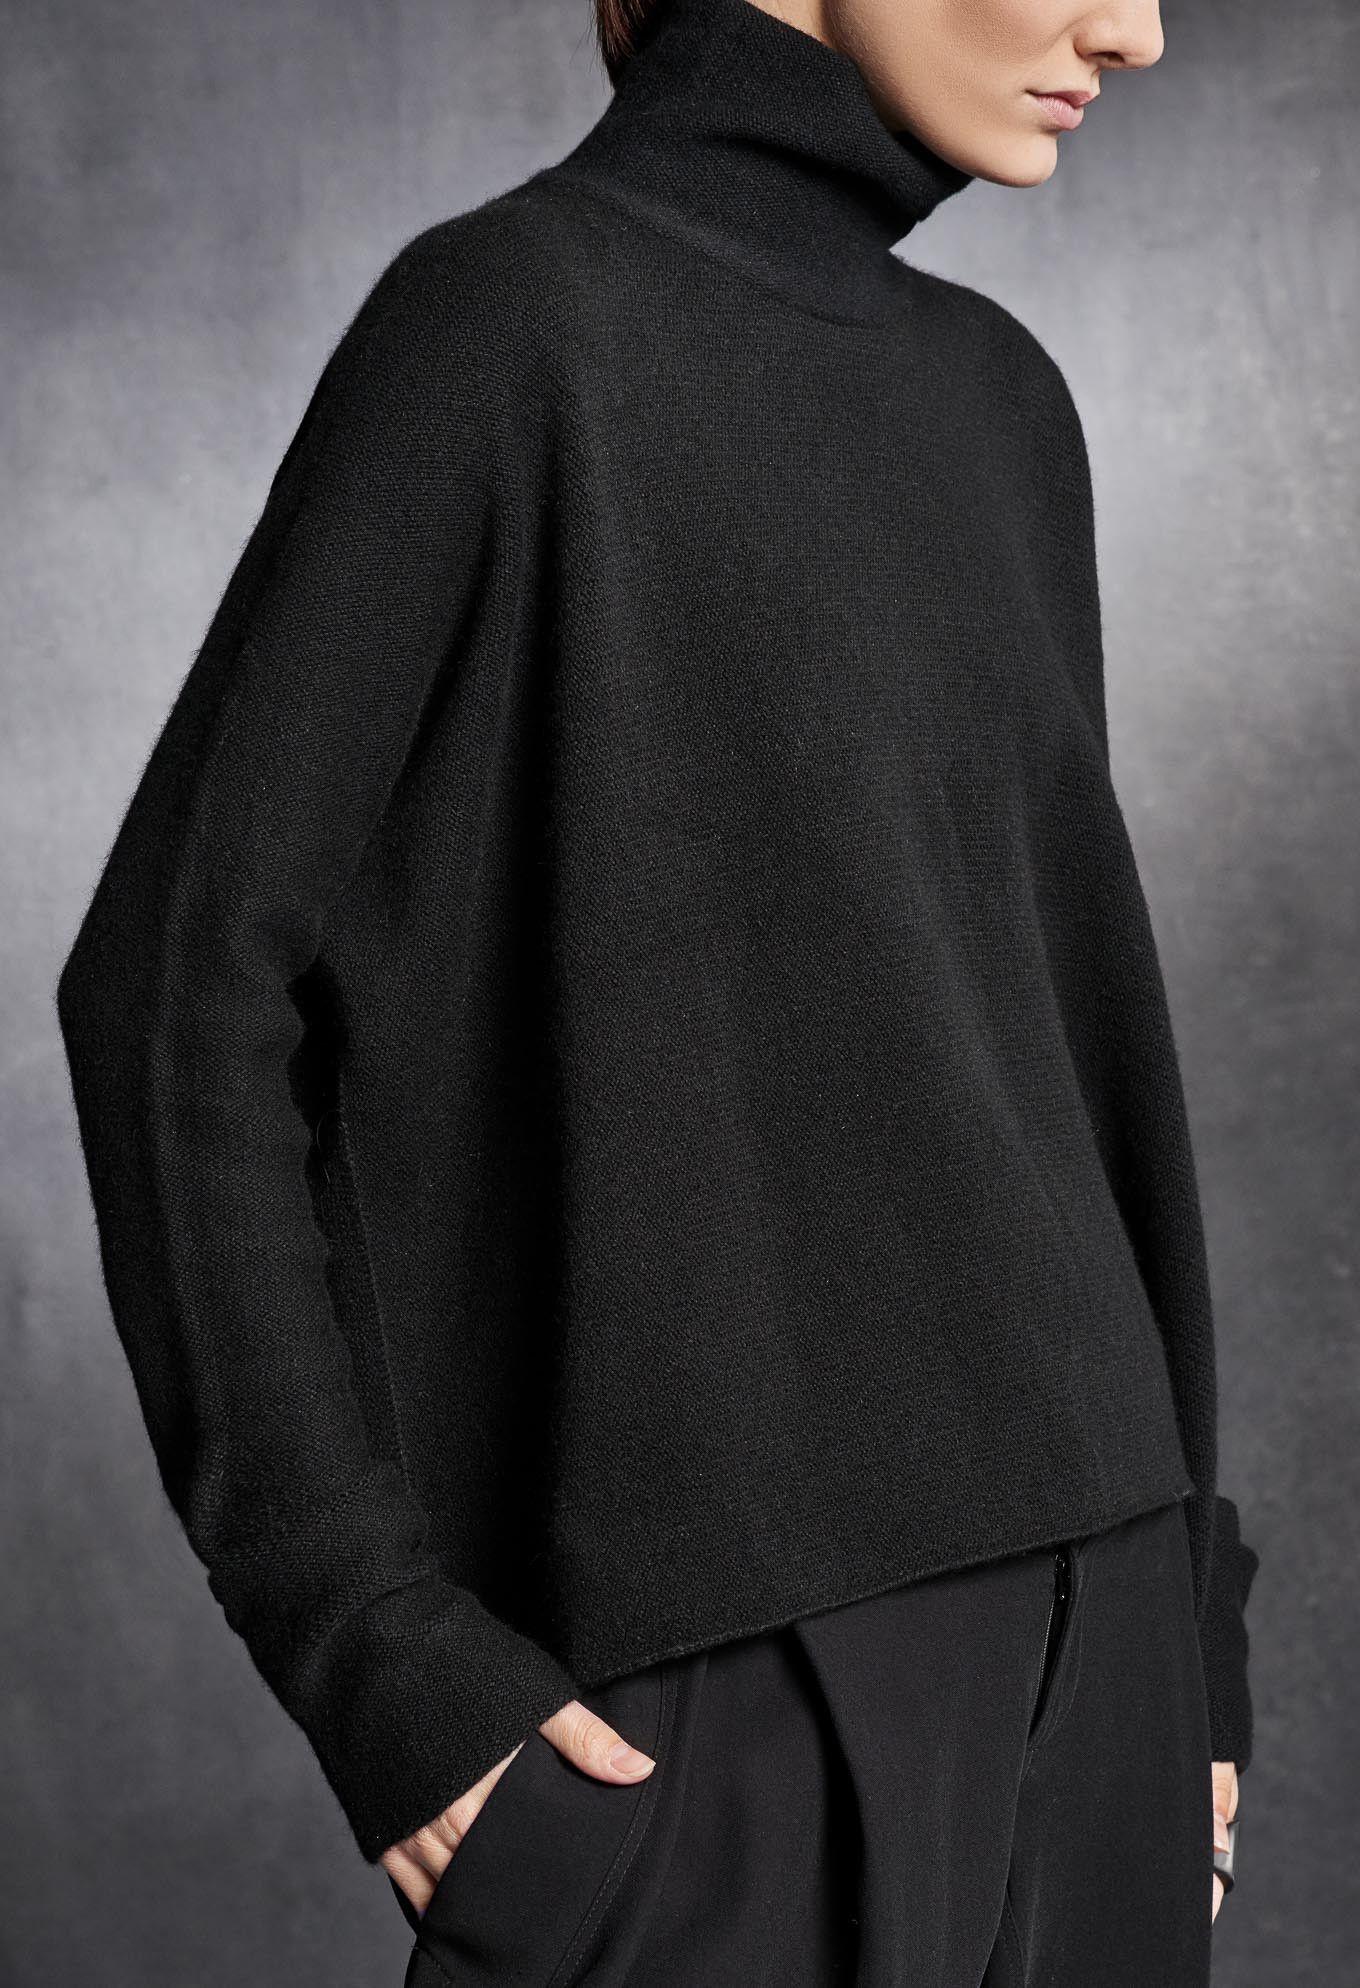 Black-Comfort Cashmere | Outfits | Pinterest | Cashmere, Cashmere ...